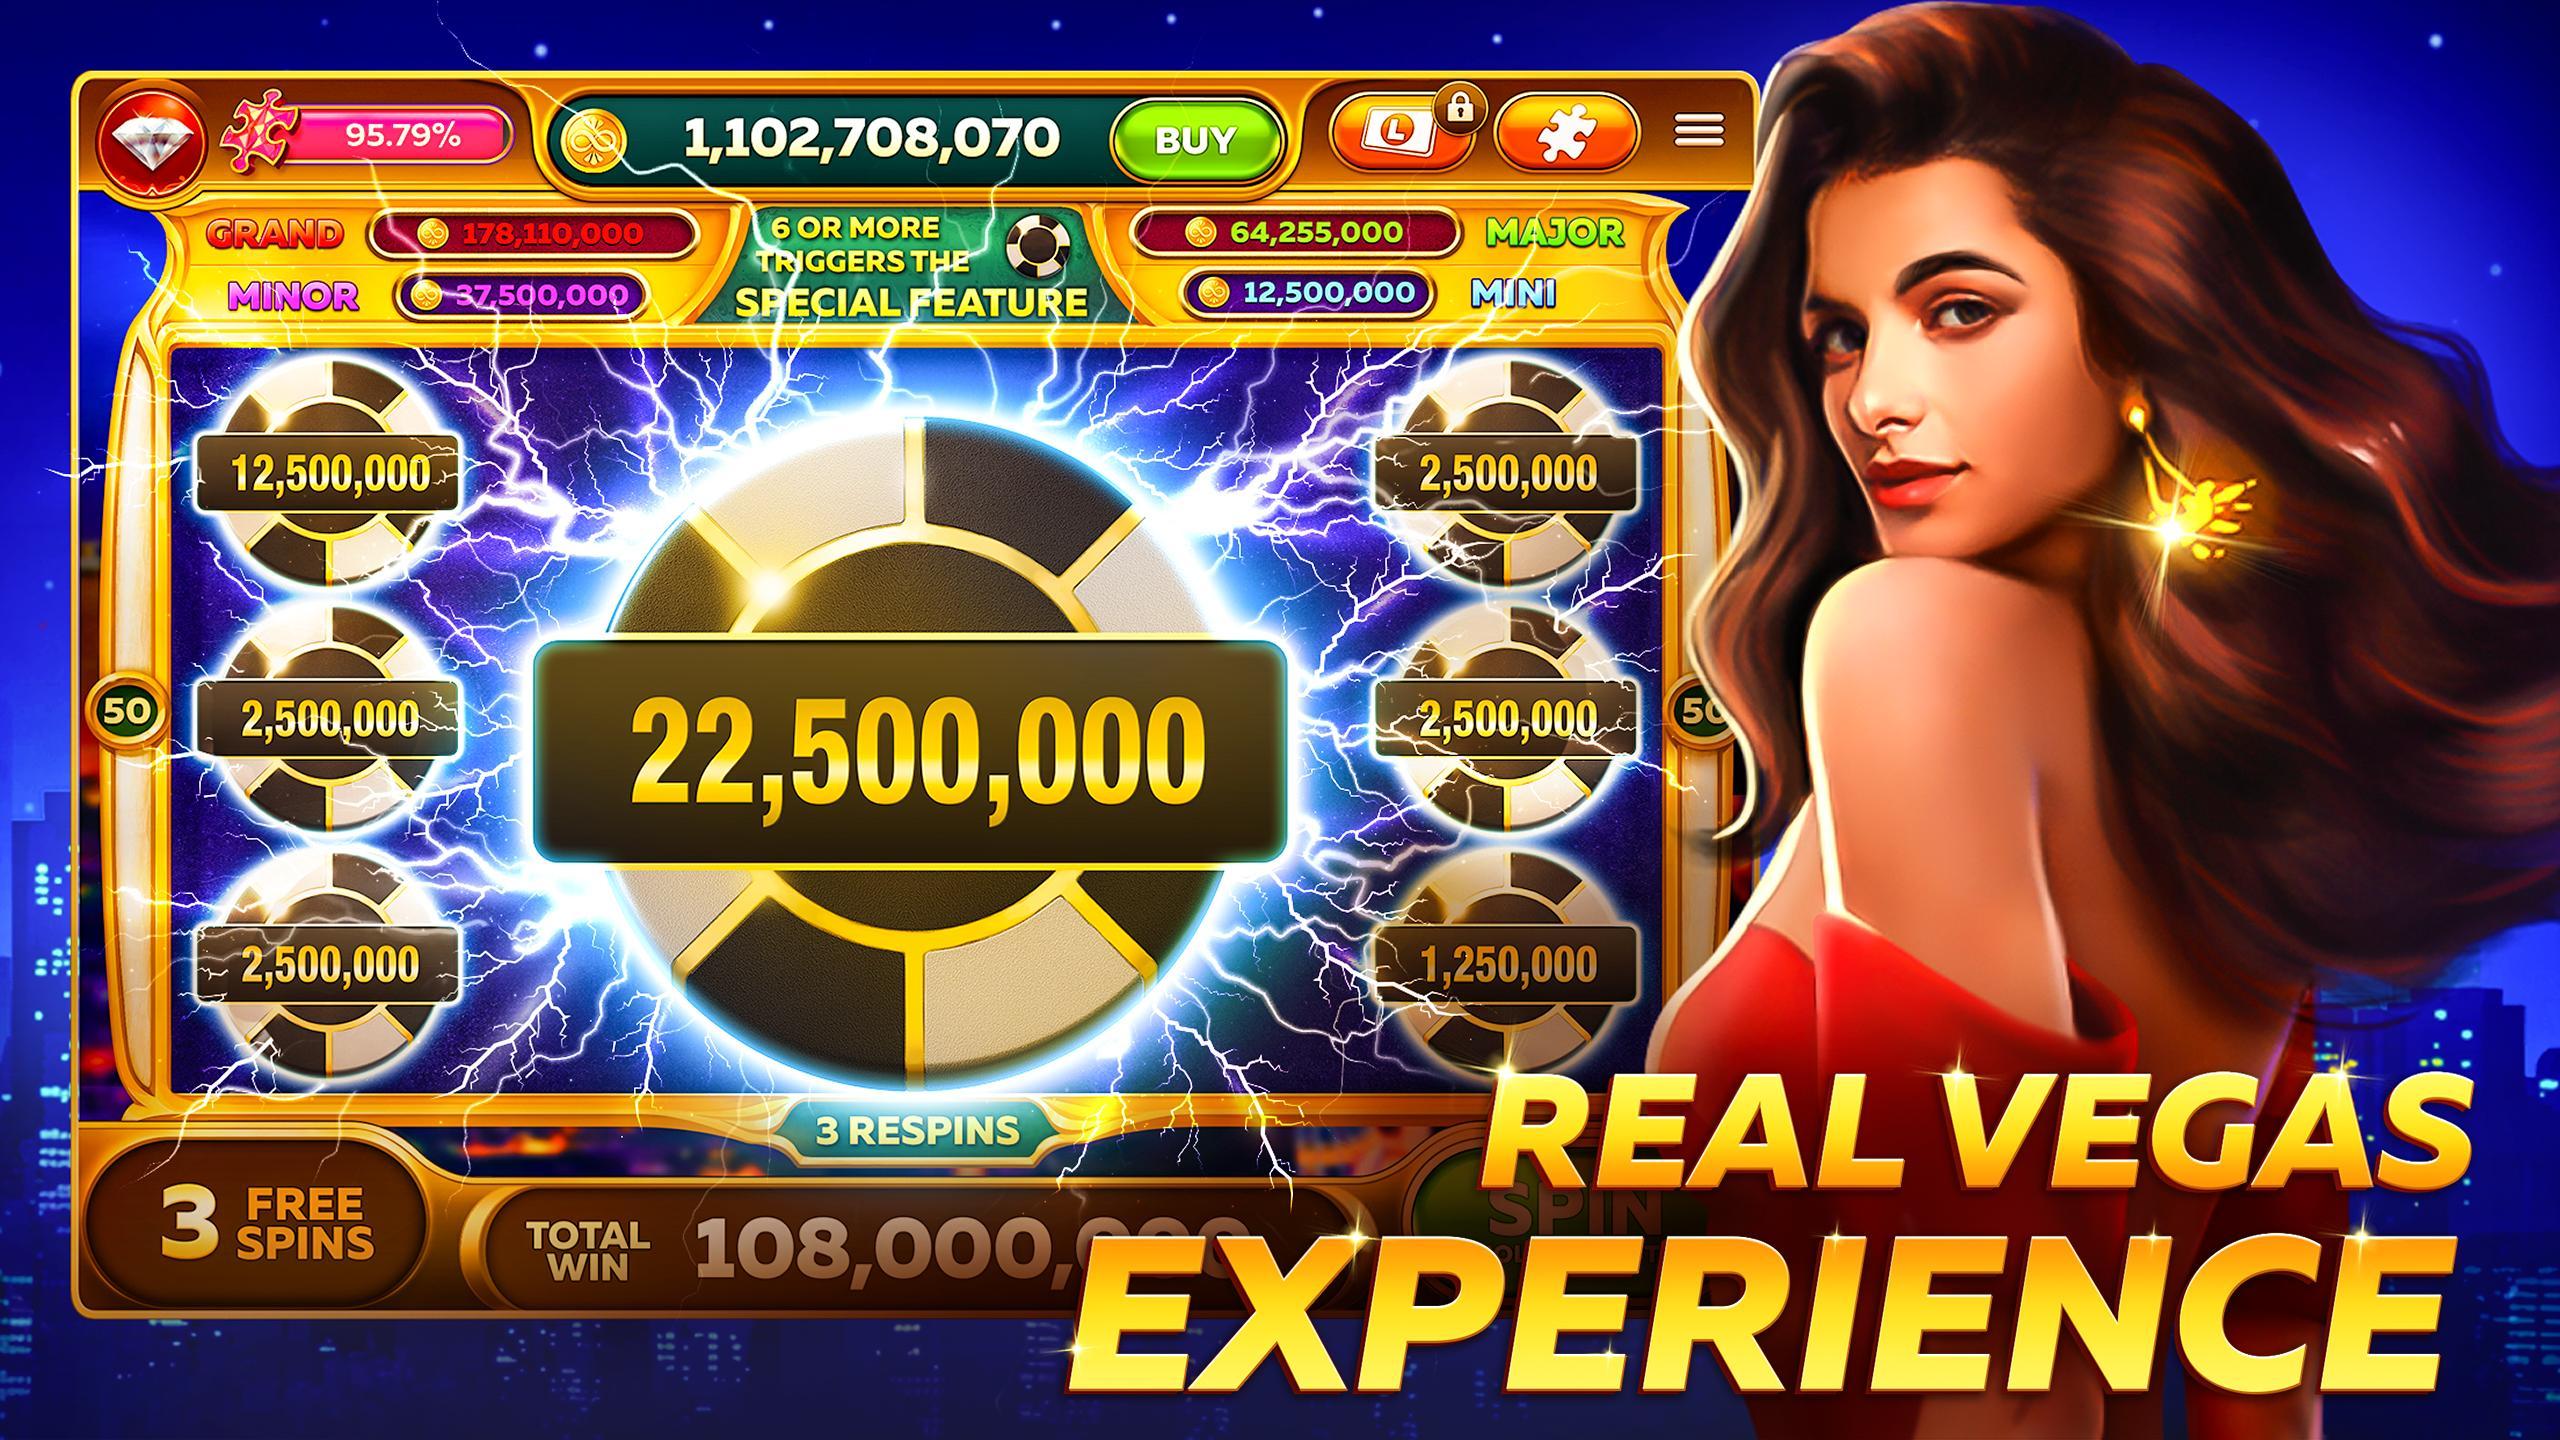 Игровые казино с джекпотом игровые автоматы - играть онлайн бесплатно азартные игры